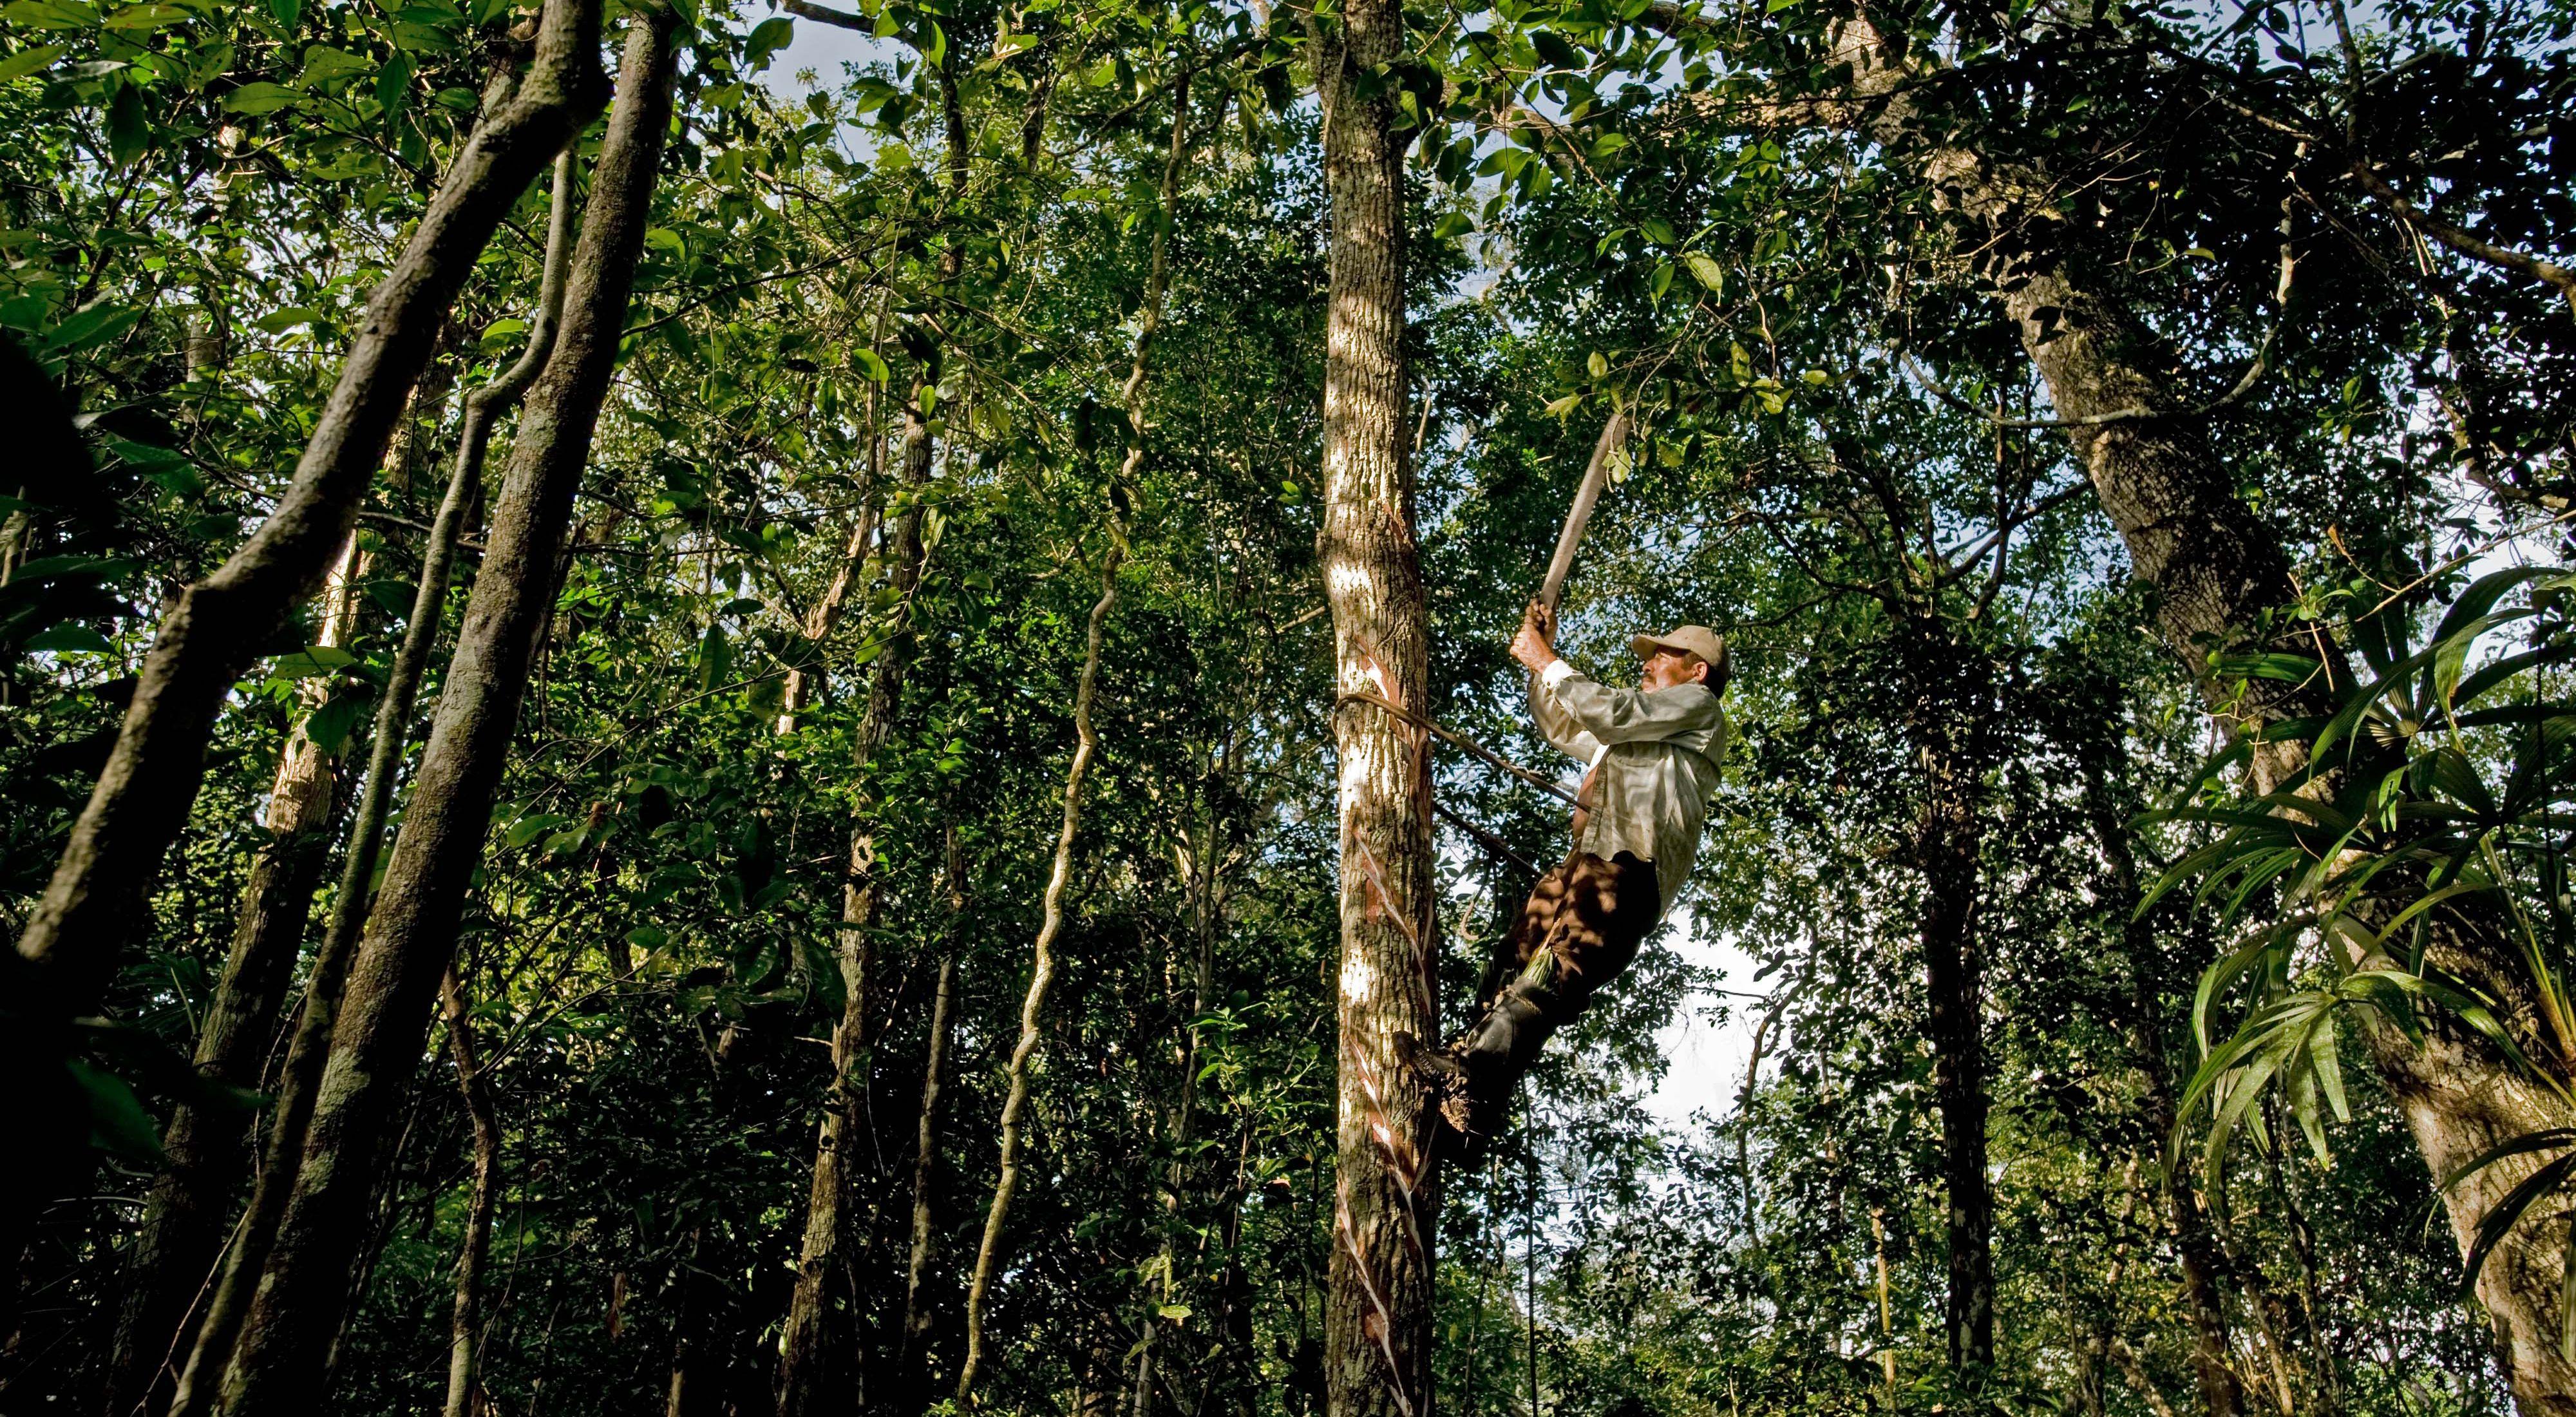 Elias Cahuich, un chiclero, golpea los árboles Sapodilla (Manilkara zapotain) para el látex blanco y gomoso llamado chicle en el bosque cerca del ejido Veinte de Noviembre